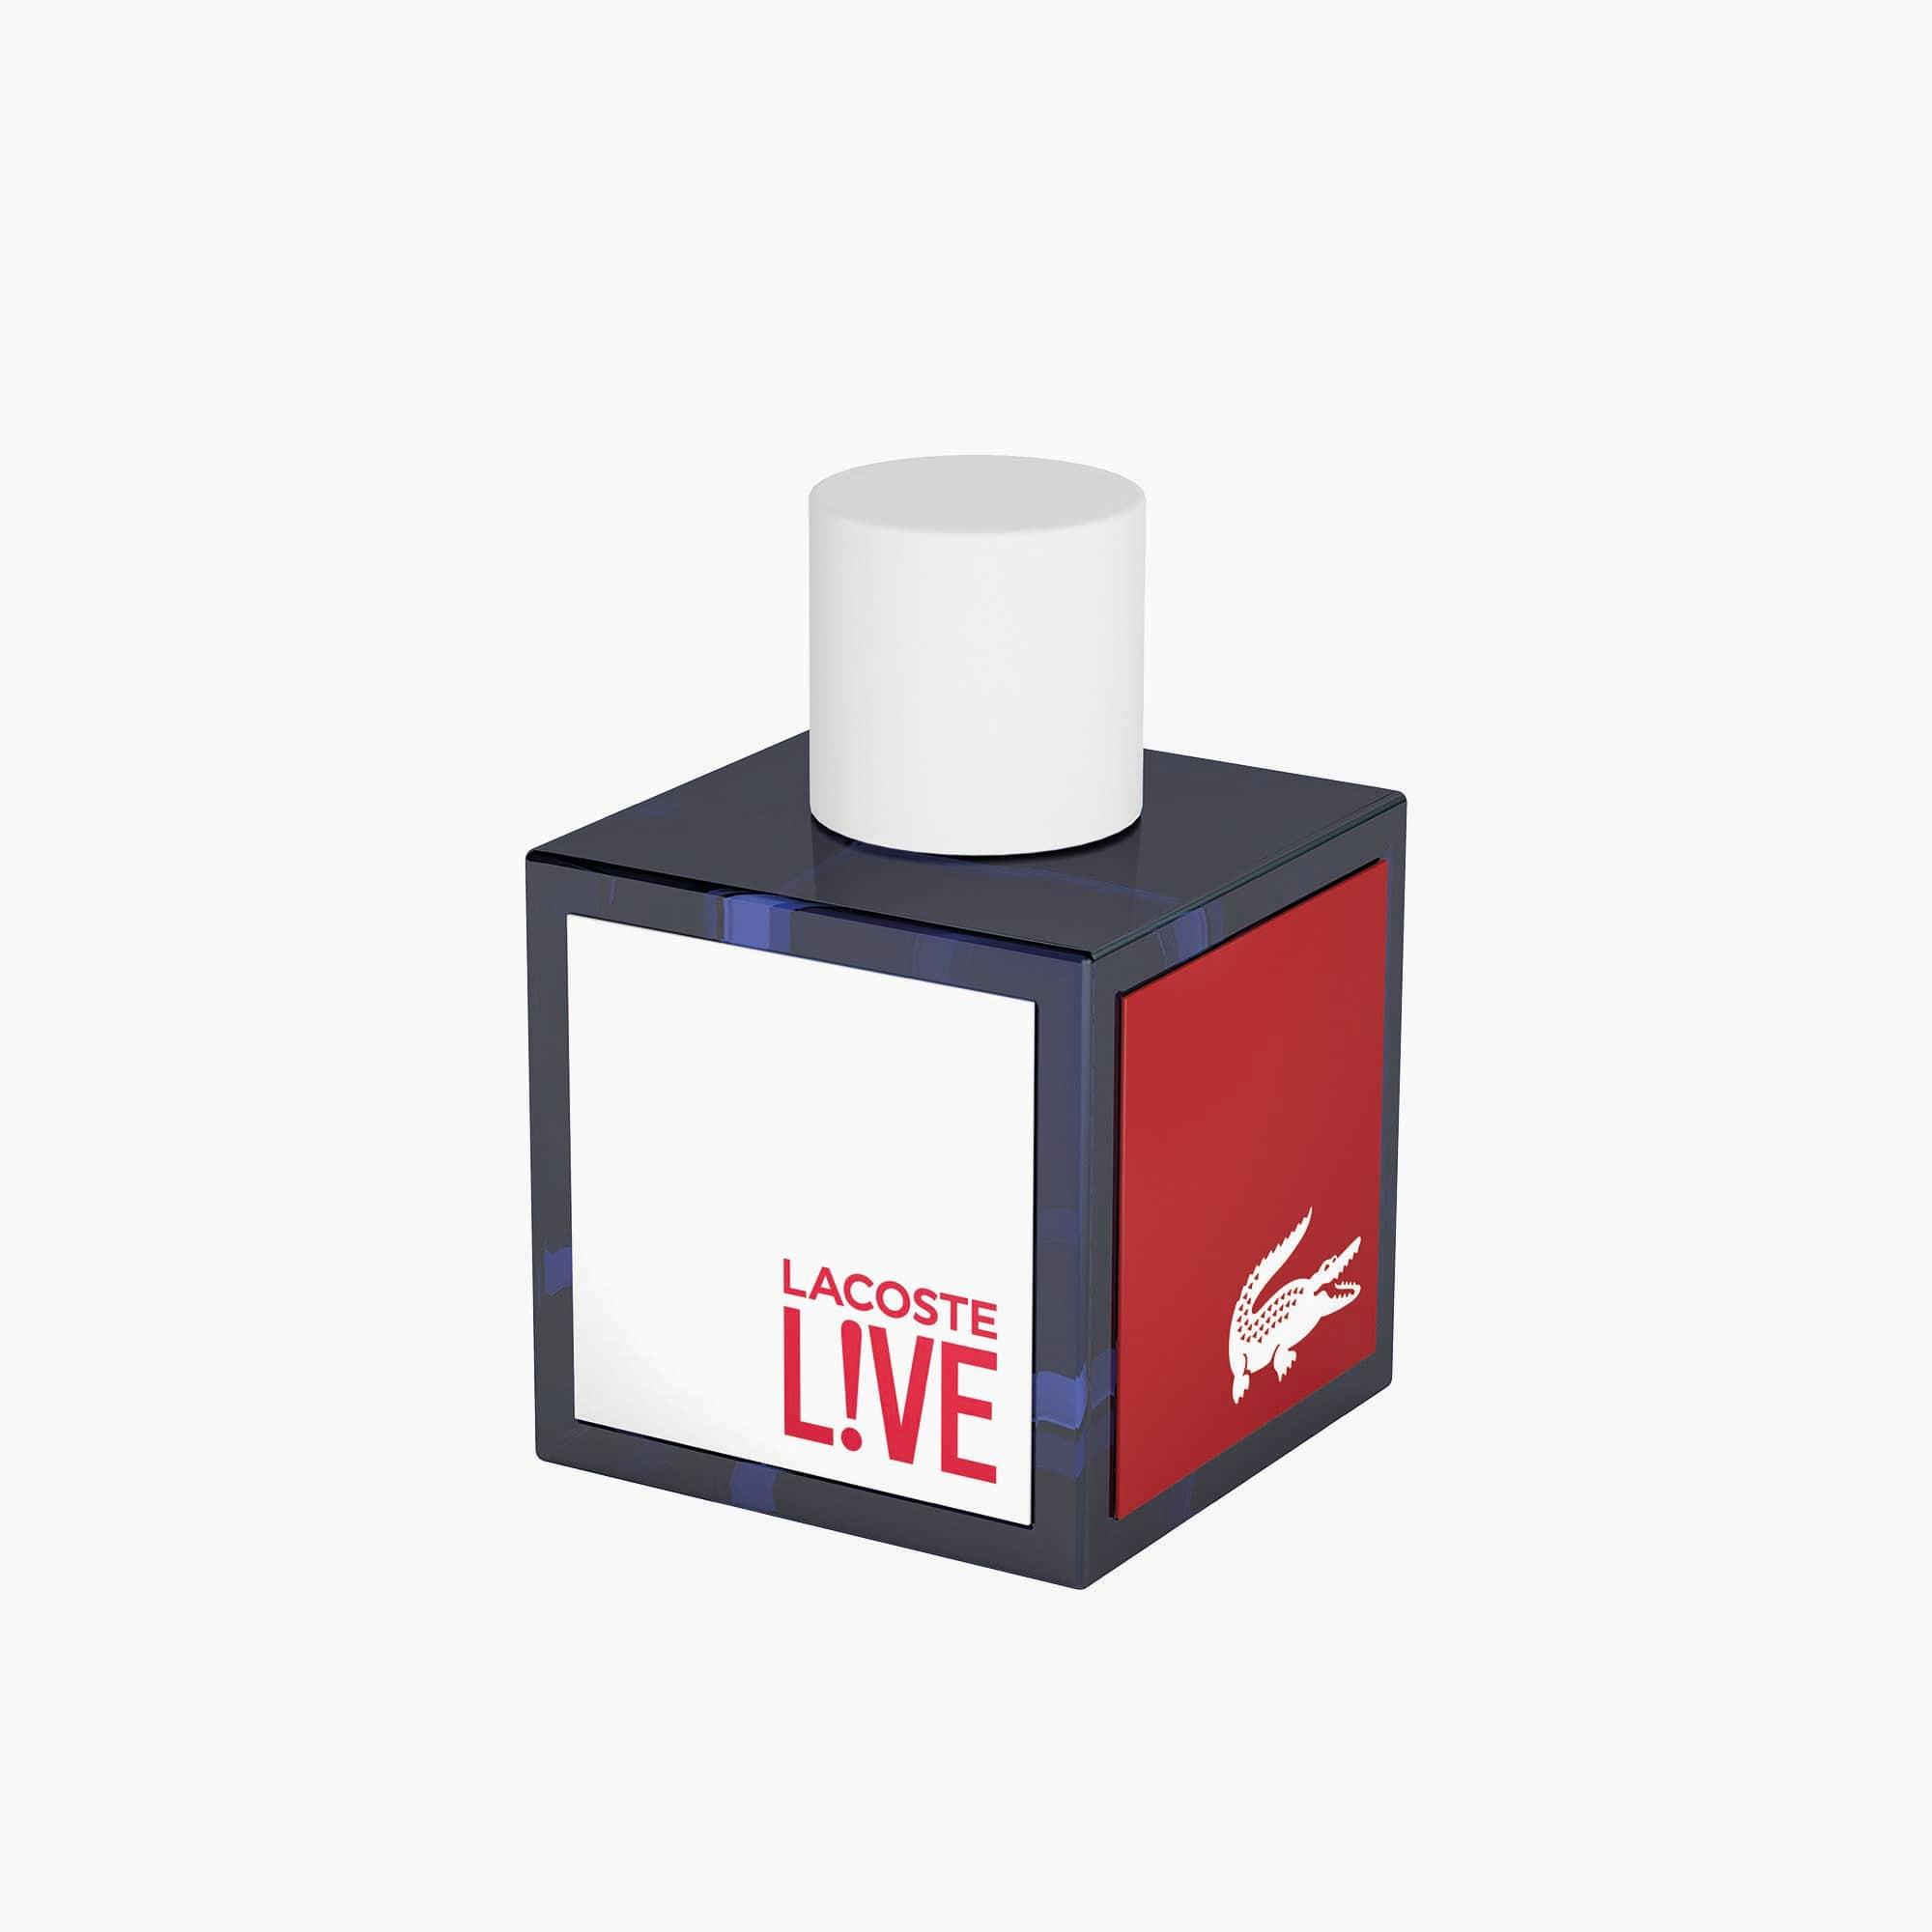 Eau de Toilette Lacoste Live 60 ml